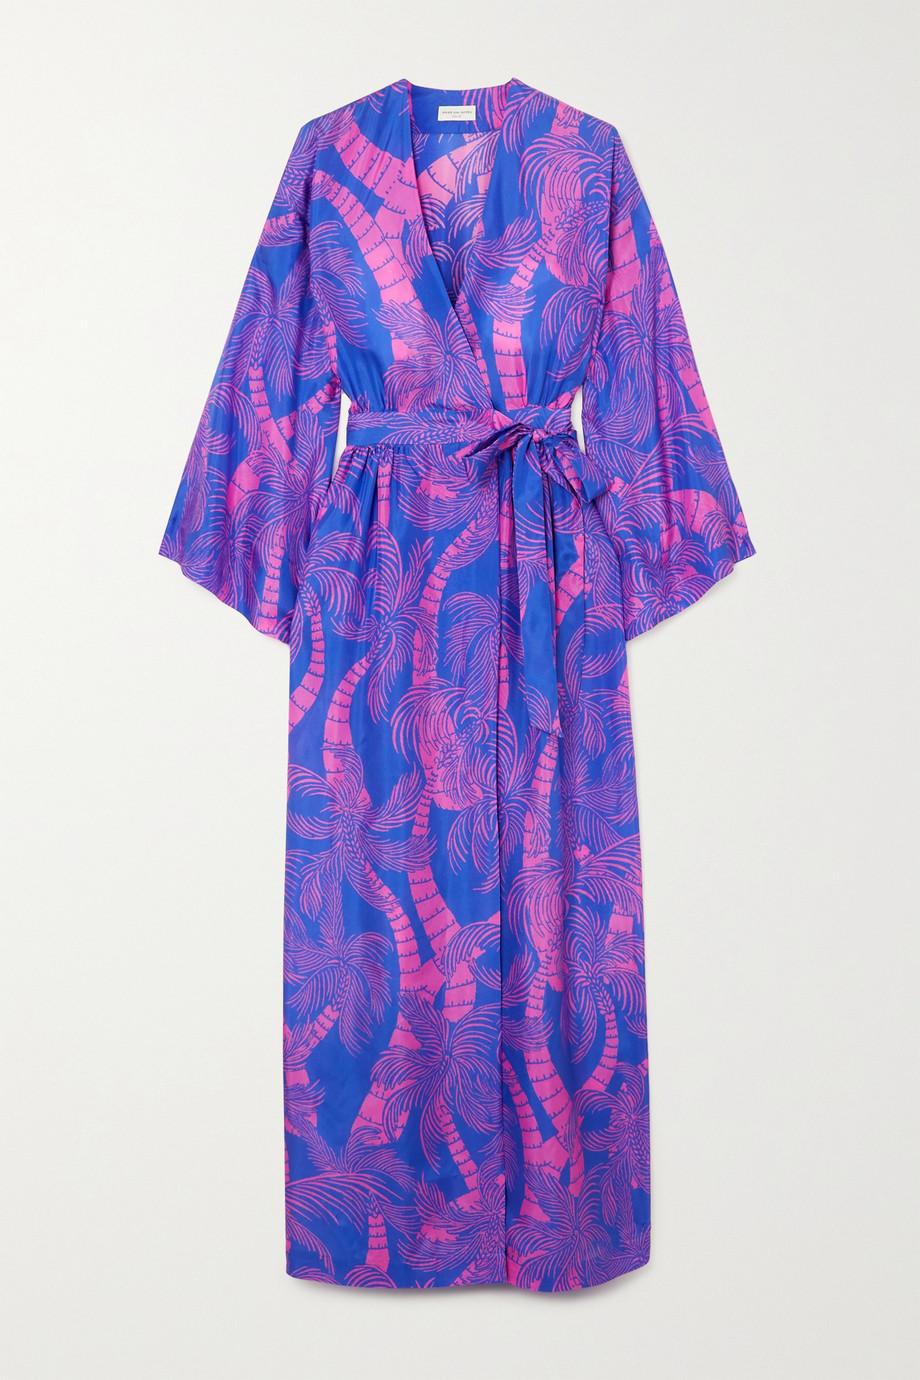 Dries Van Noten Robe longue portefeuille en soie imprimée à ceinture Doosey